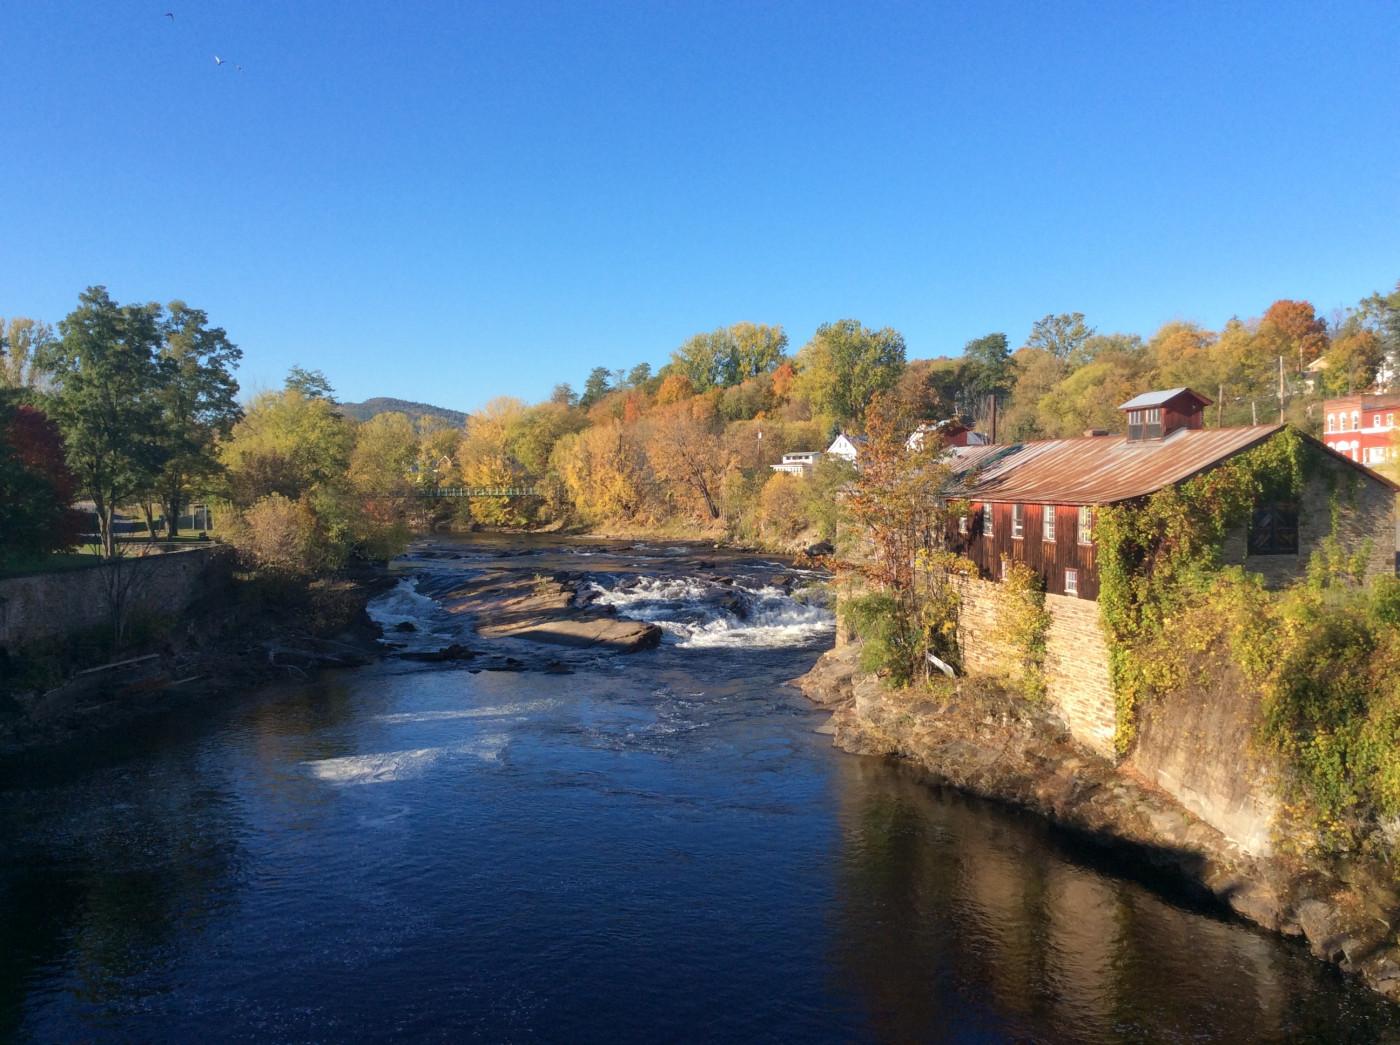 AARCH Tour: Historic Bridges of the Ausable River